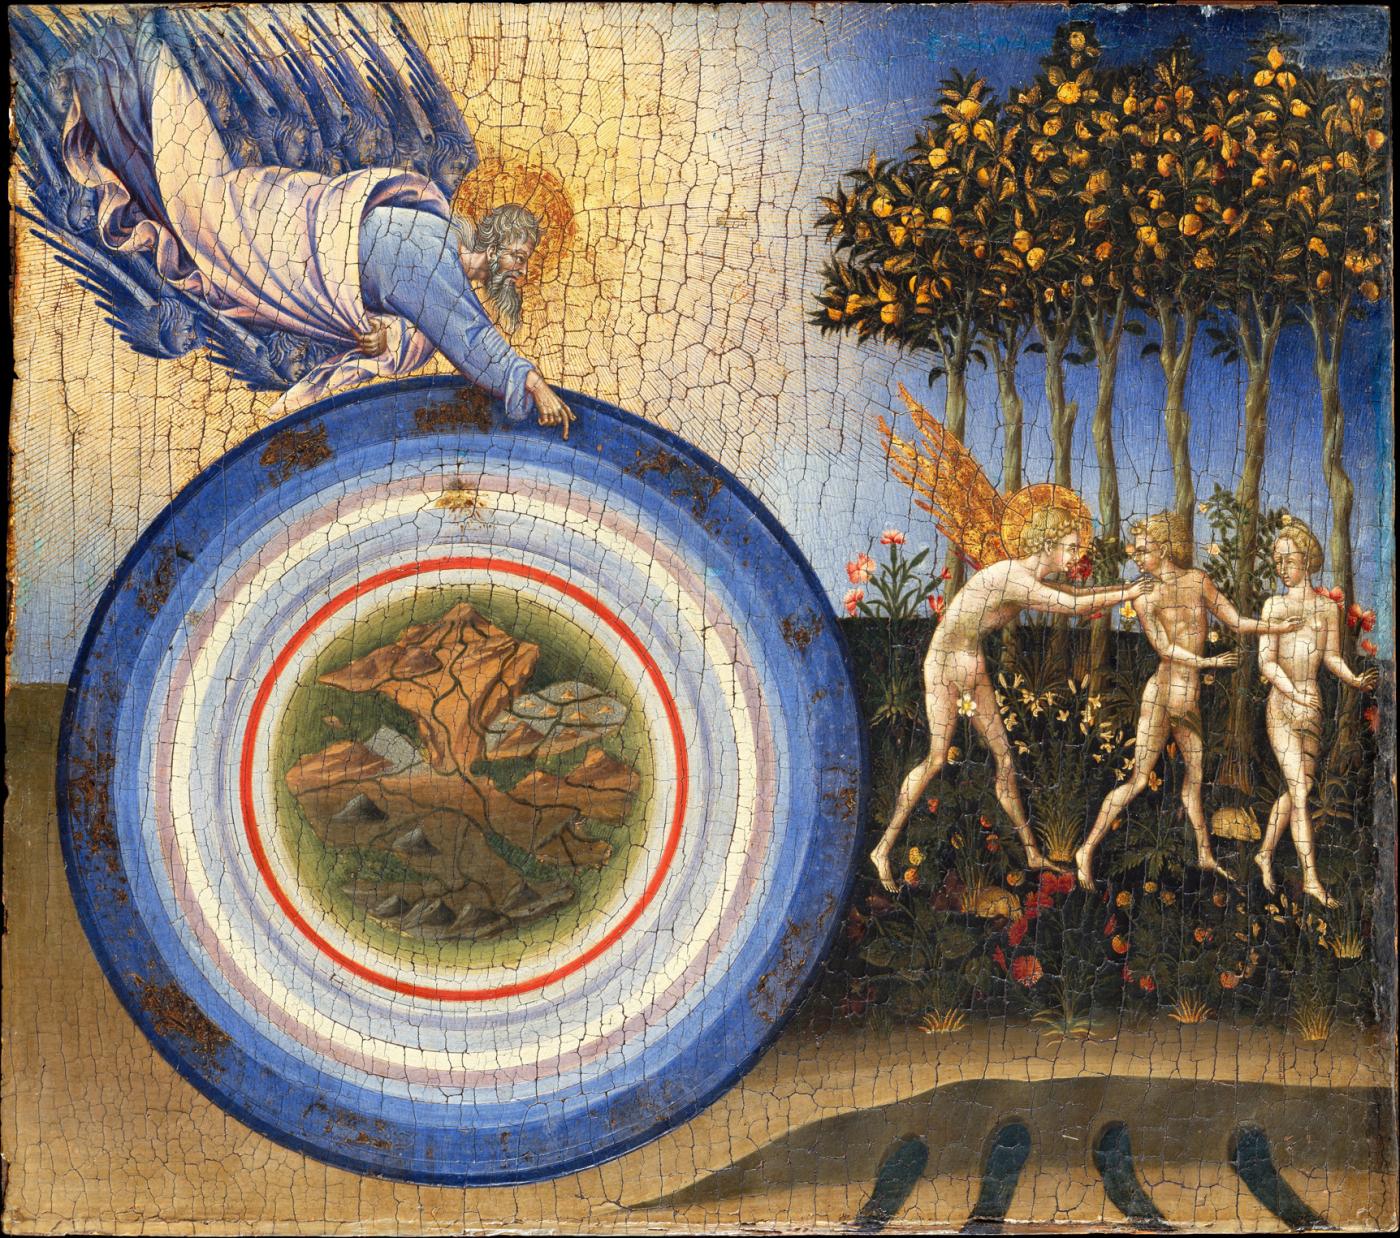 Джованни ди Паоло. Сотворение мира и изгнание из рая, 1445 г.